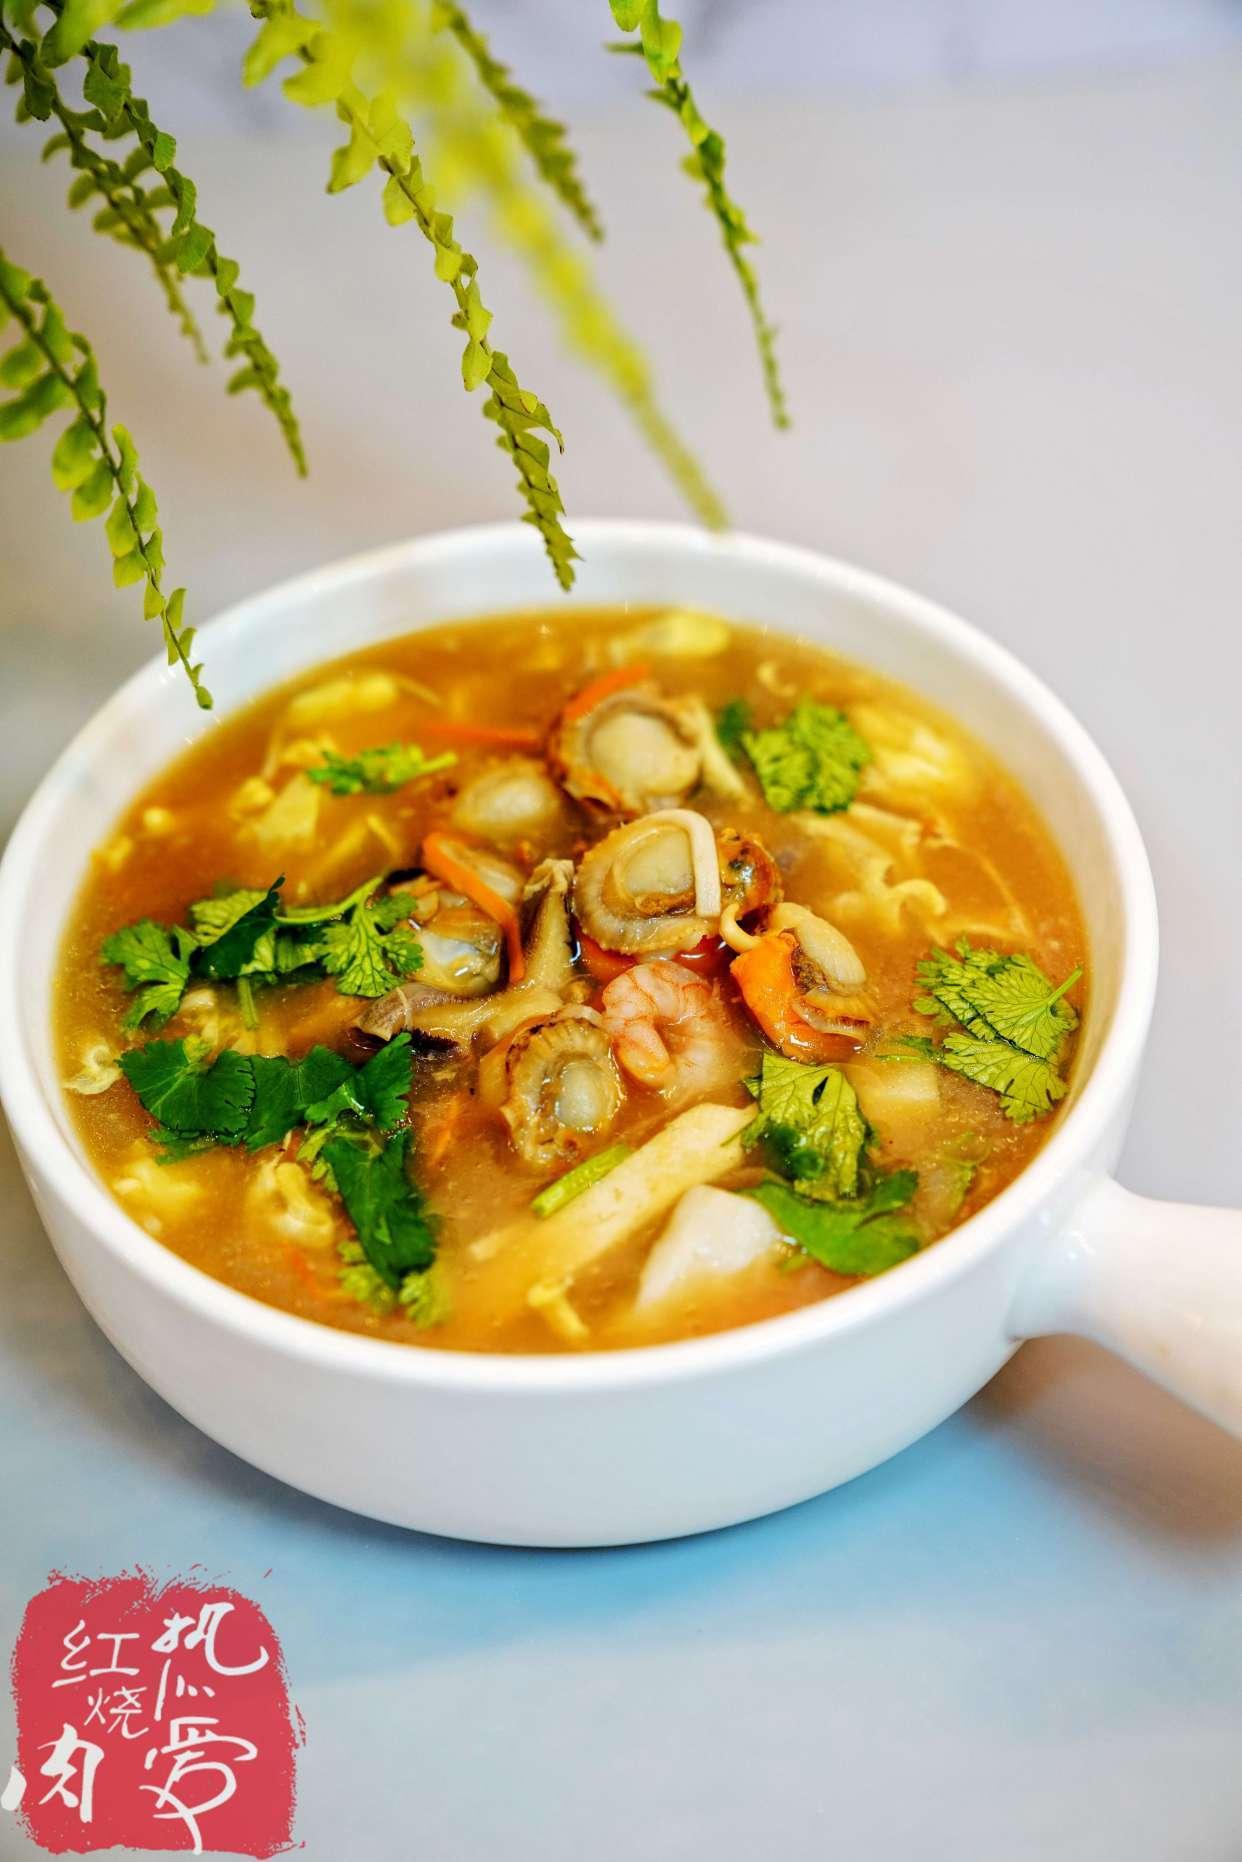 我家冬天最爱喝这汤了,又酸又辣喝完出身汗,既能开胃还增进食欲